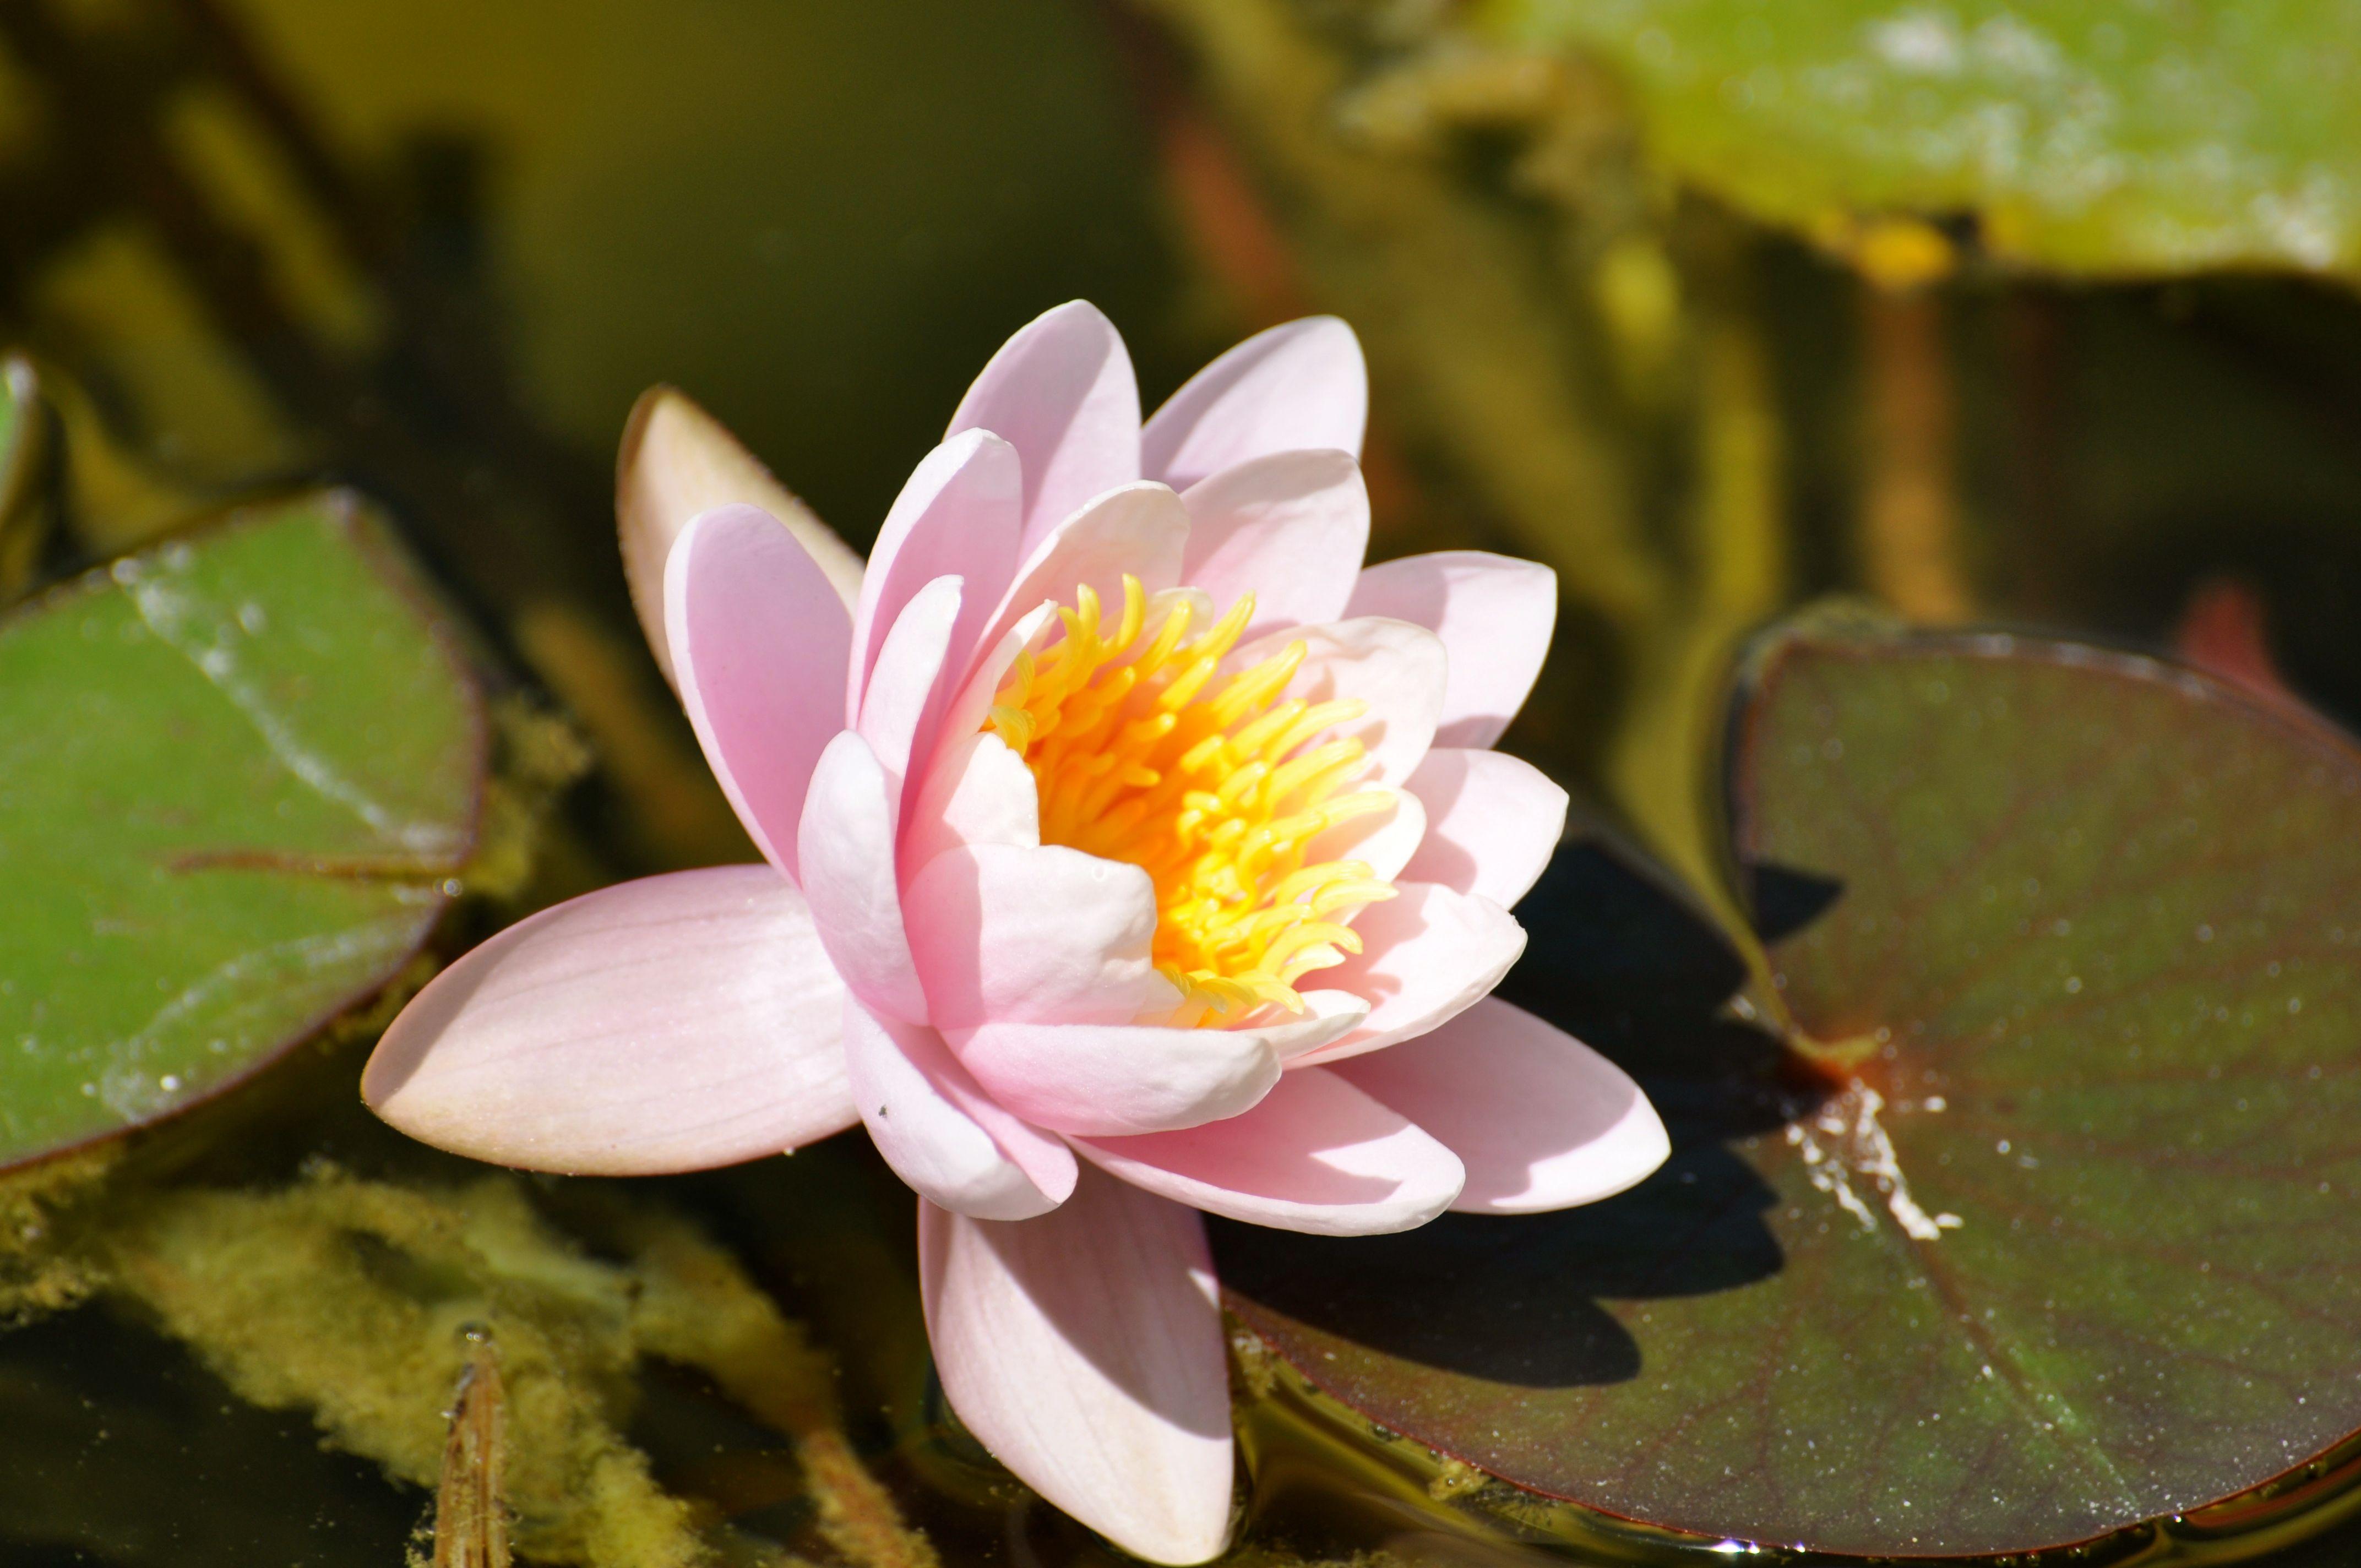 flor del loto rosada.